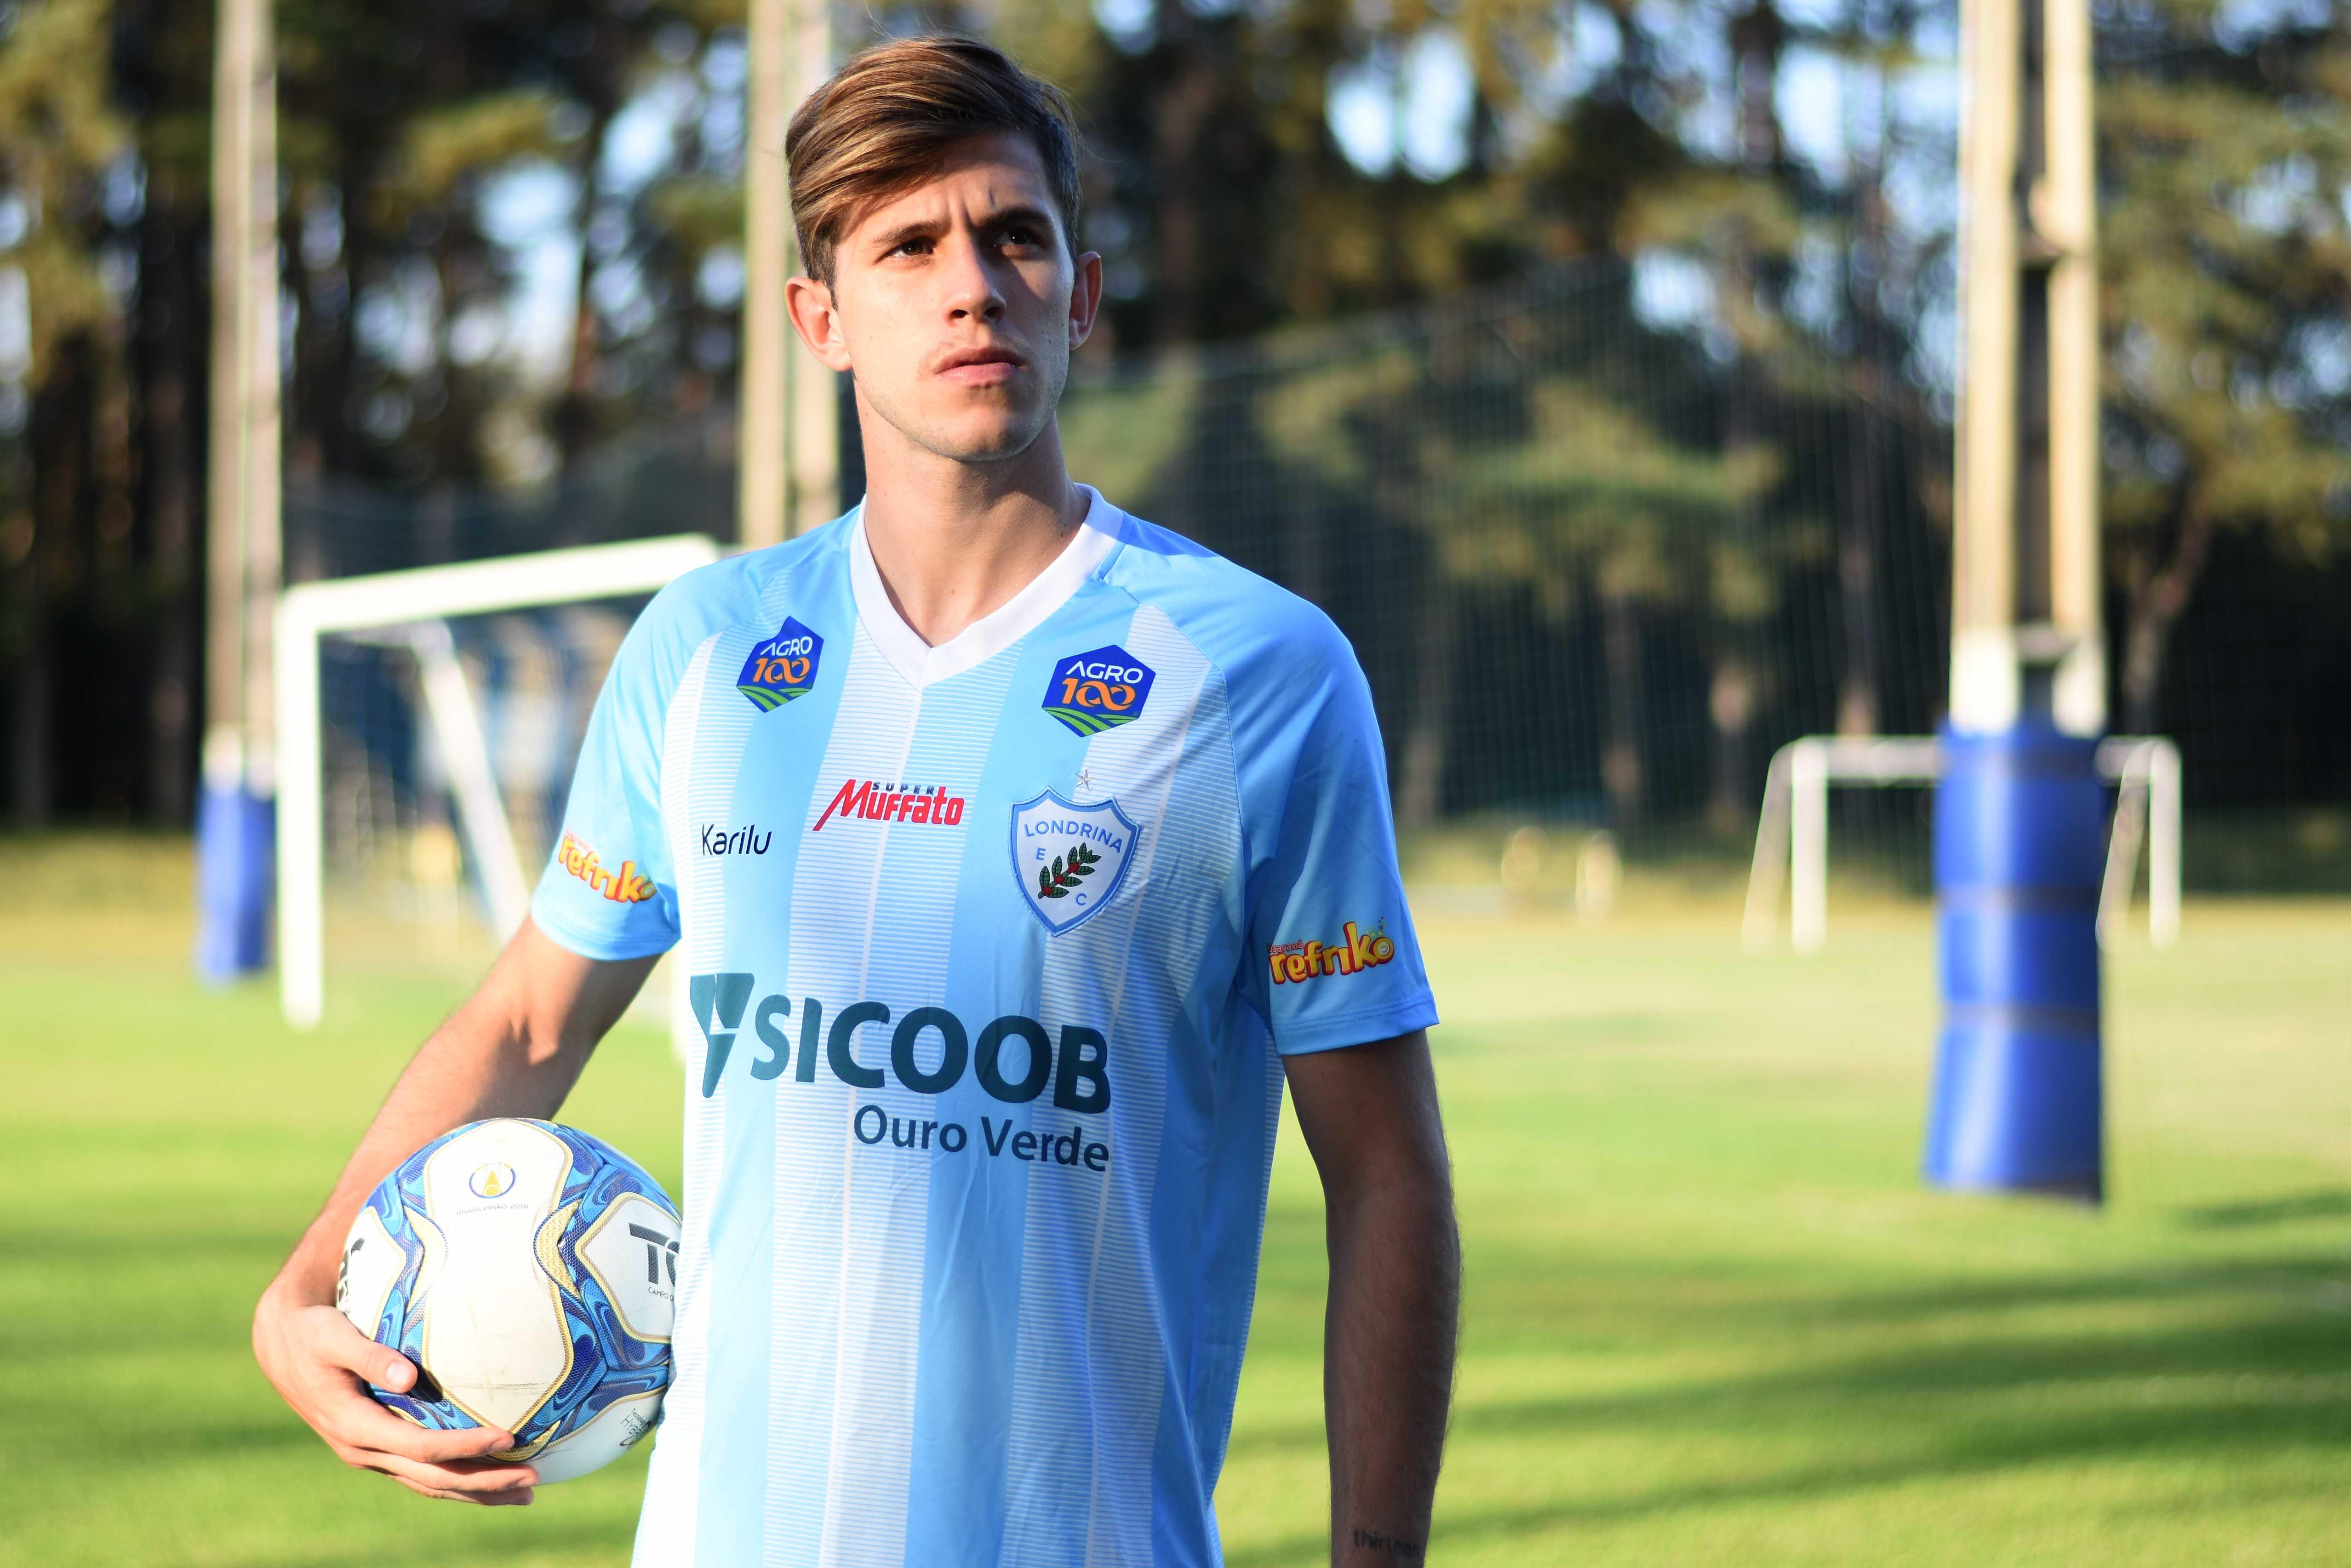 Léo Passos chega para reforçar o ataque do Londrina